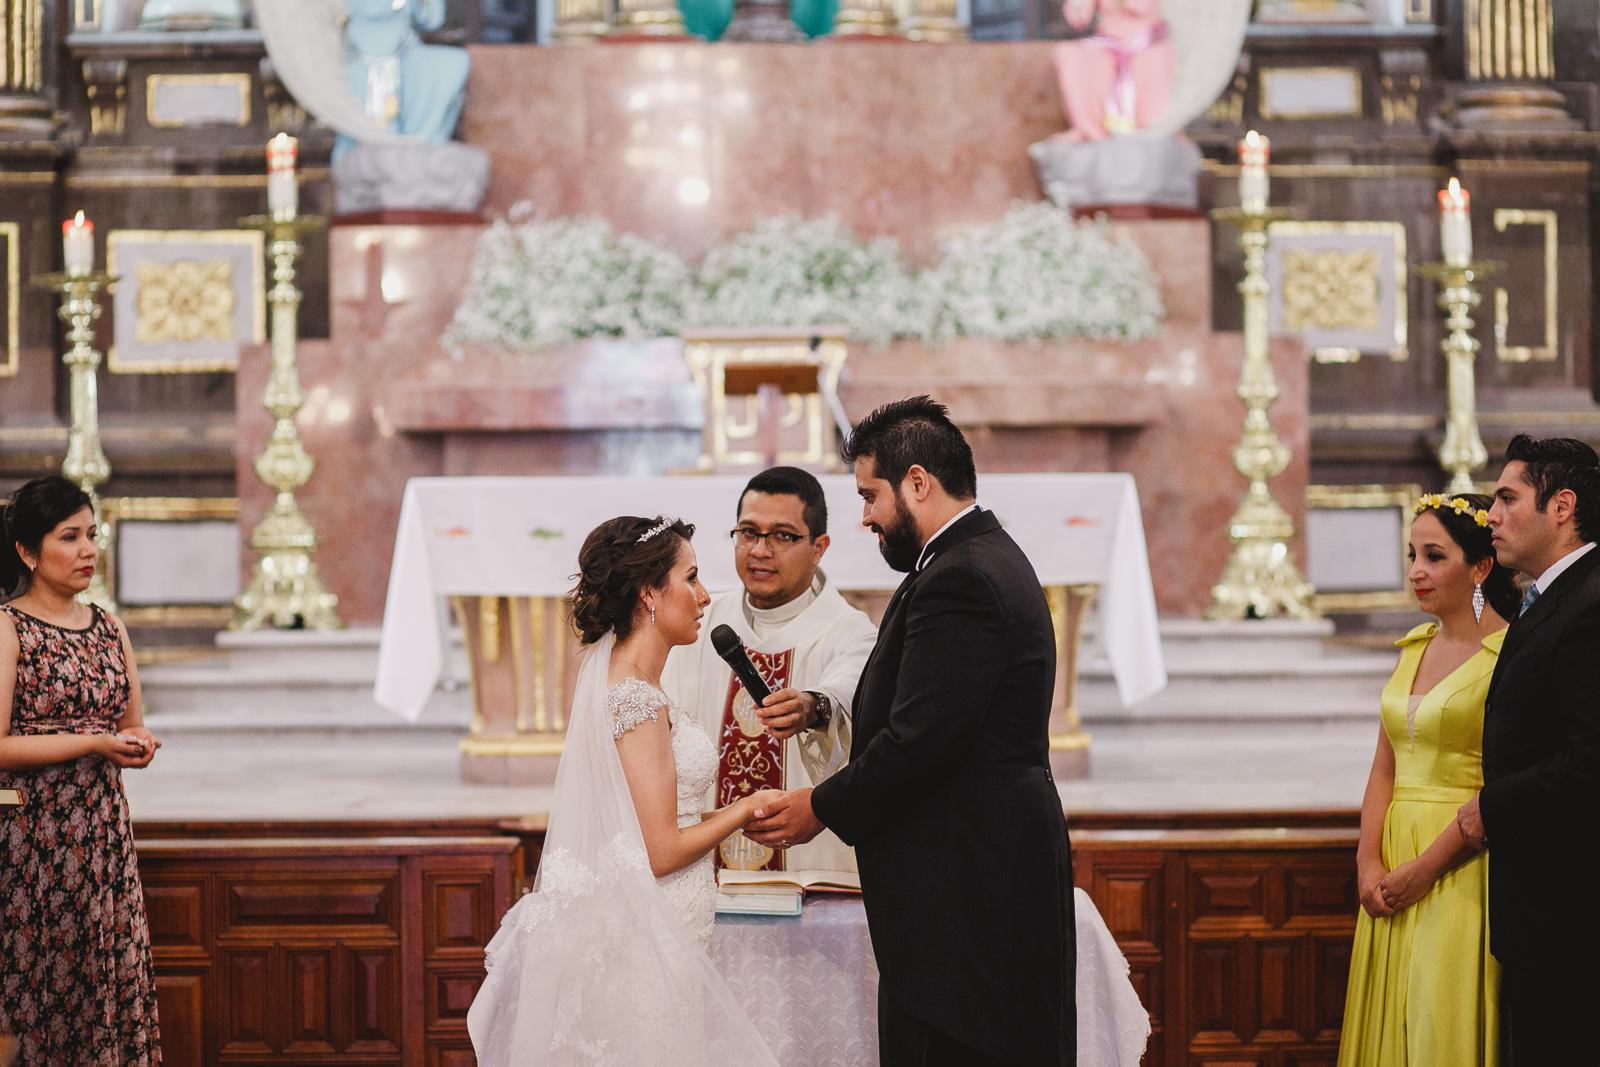 fotografo-de-bodas-san-miguel-de-allende-040